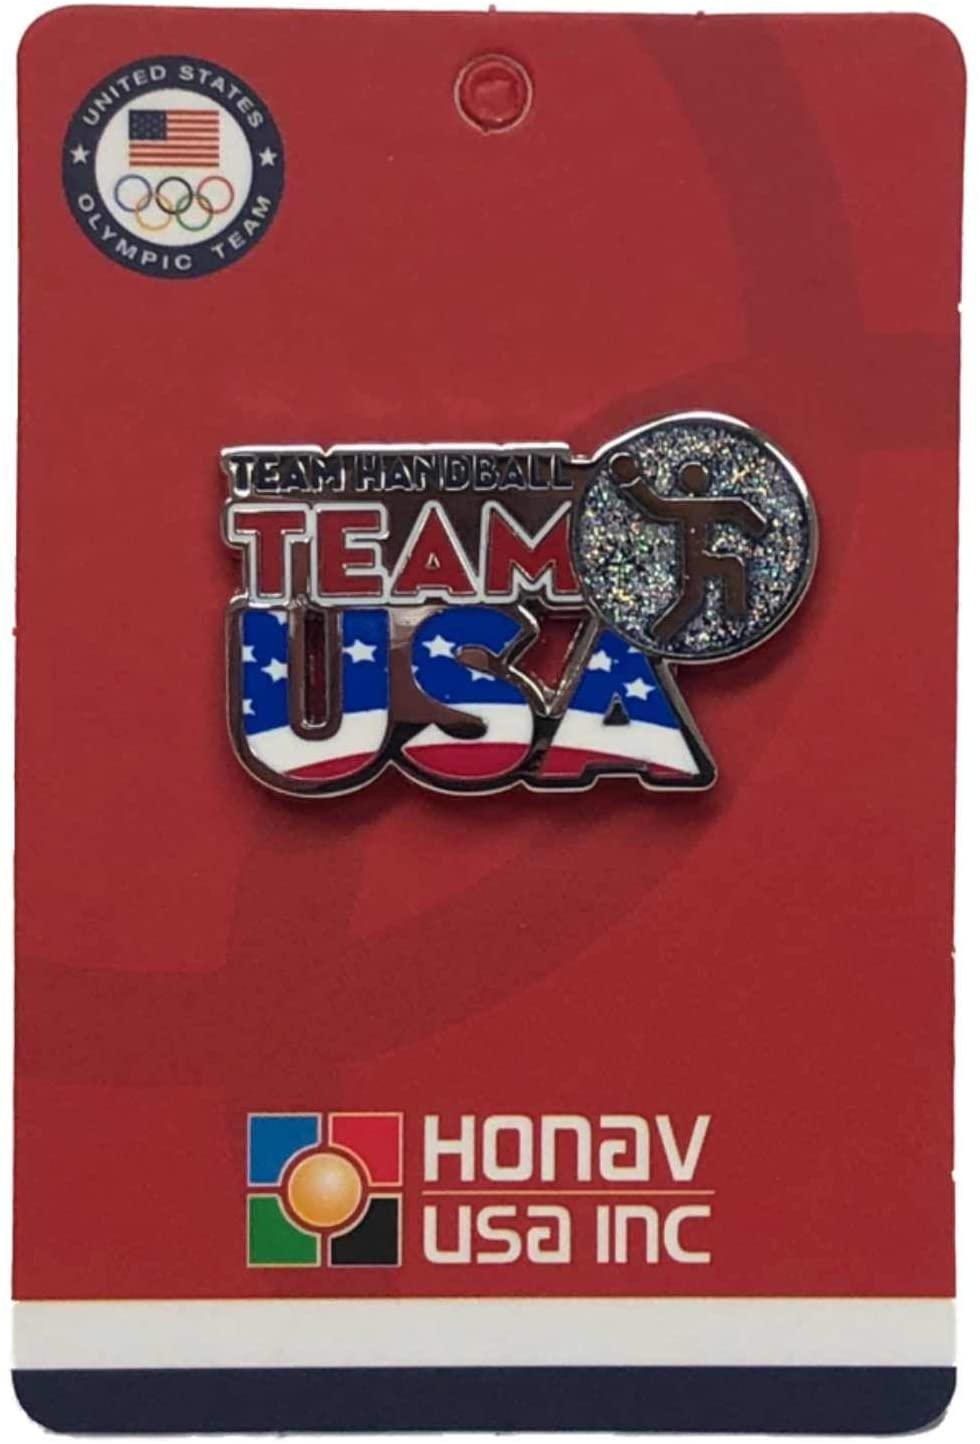 2020 Summer Olympics Tokyo Japan Team USA Team Handball Pictogram Lapel Pin